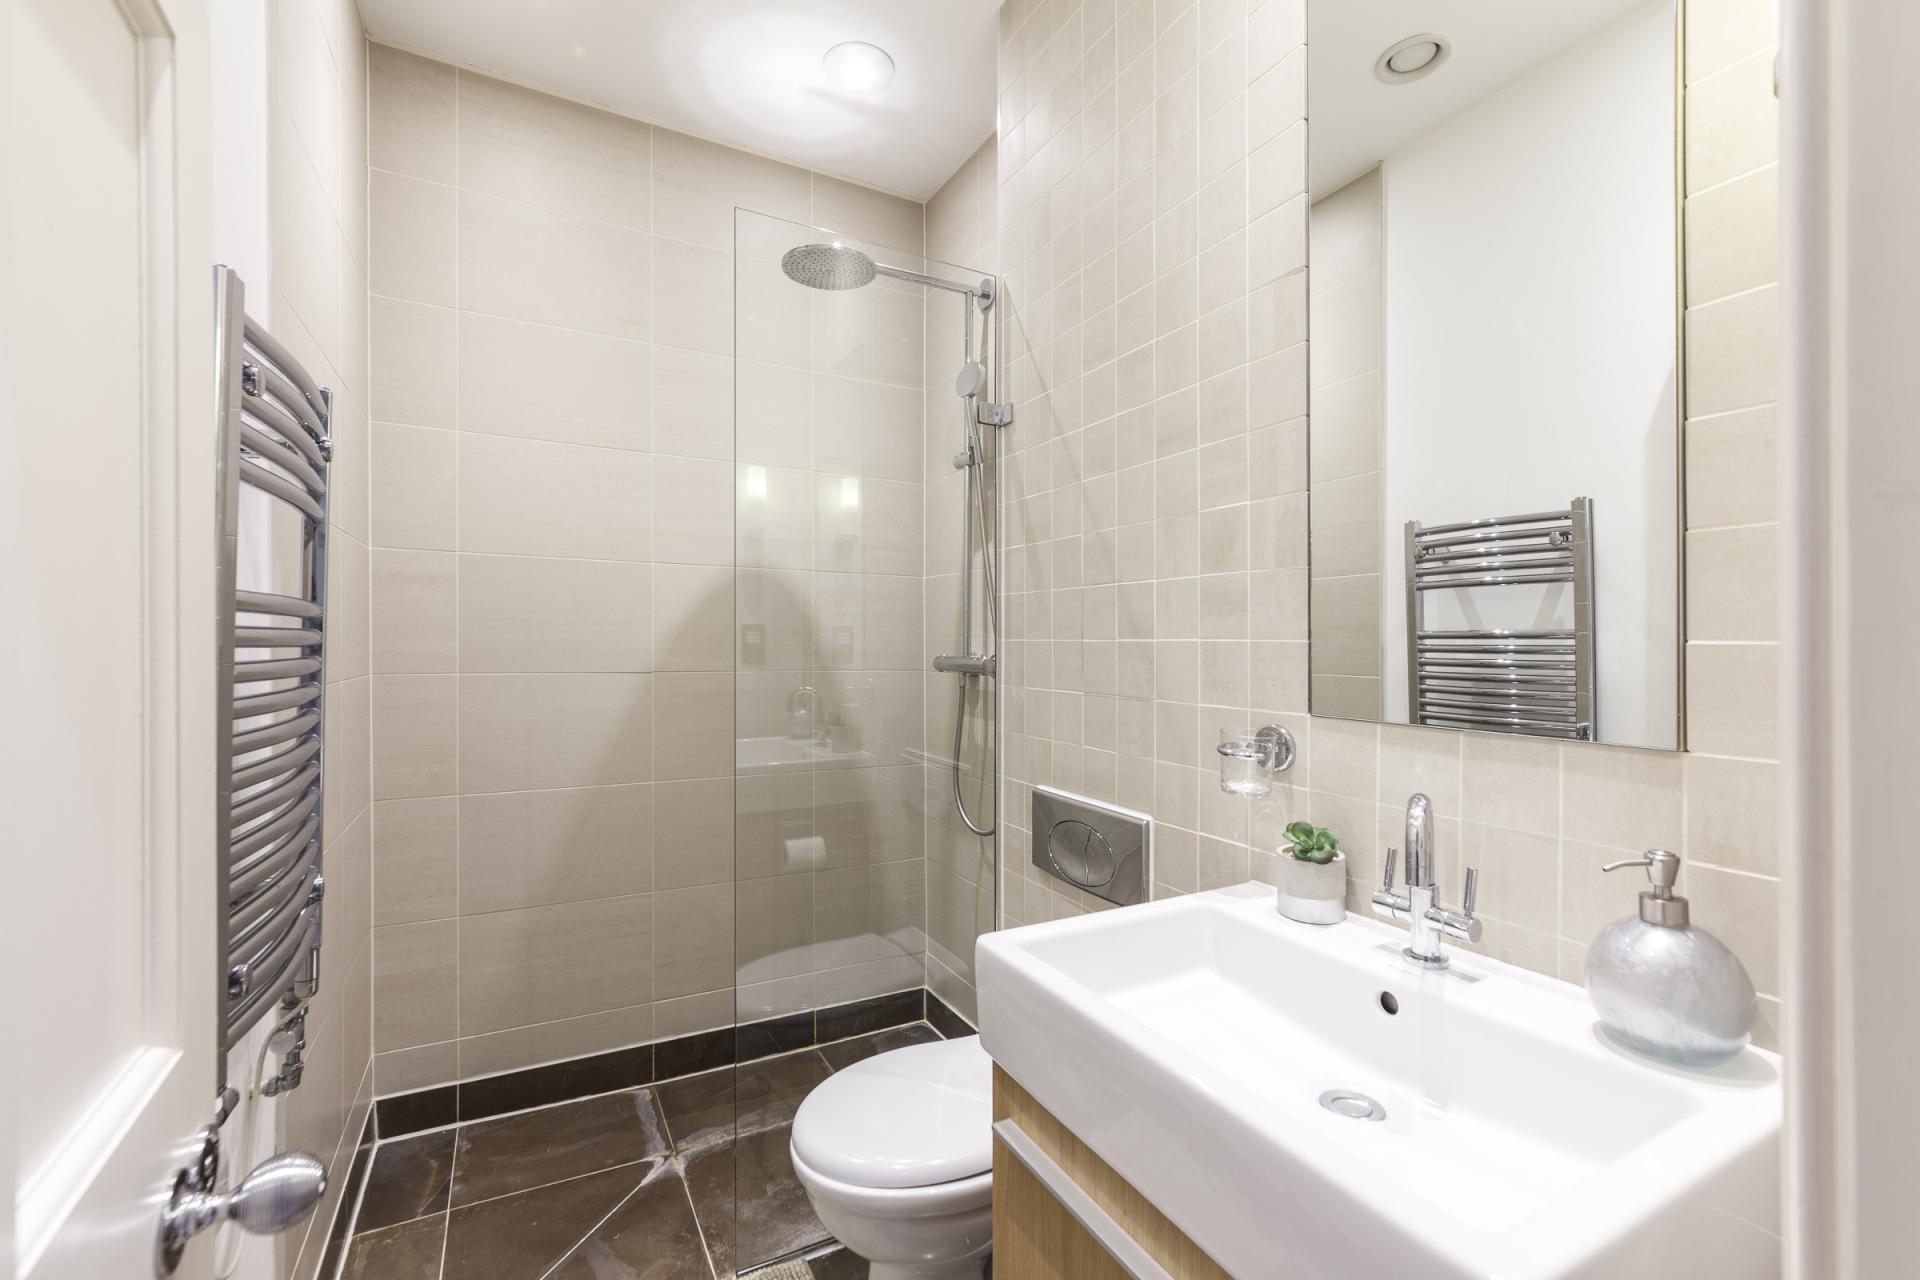 Bathroom at Mayfair Penthouse Apartment, Mayfair, London